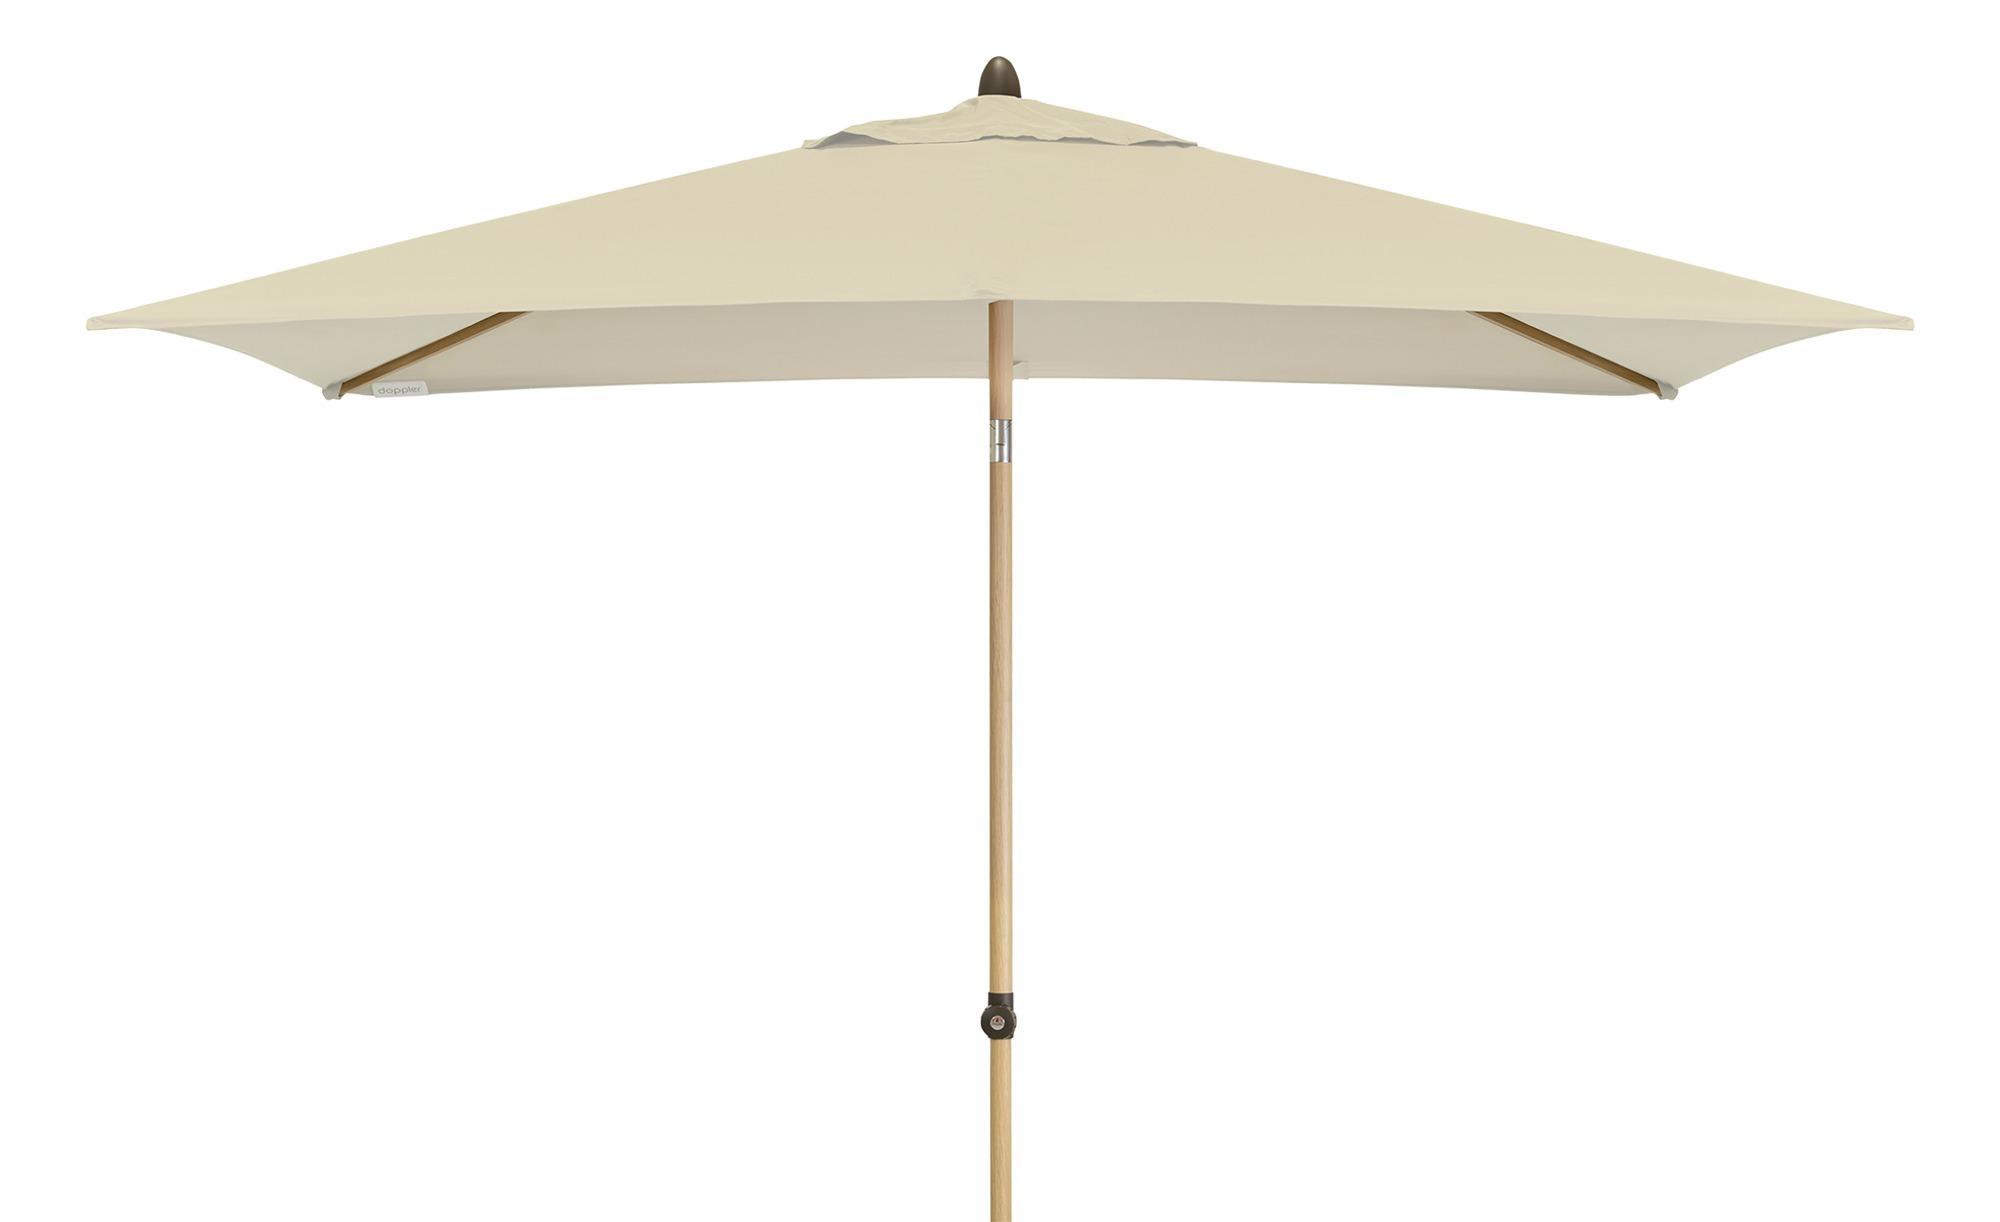 Sonnenschirm - beige - 200 cm - Garten > Sonnenschutz > Sonnenschirme - Möbel Kraft   Garten > Sonnenschirme und Markisen > Sonnenschirme   Möbel Kraft